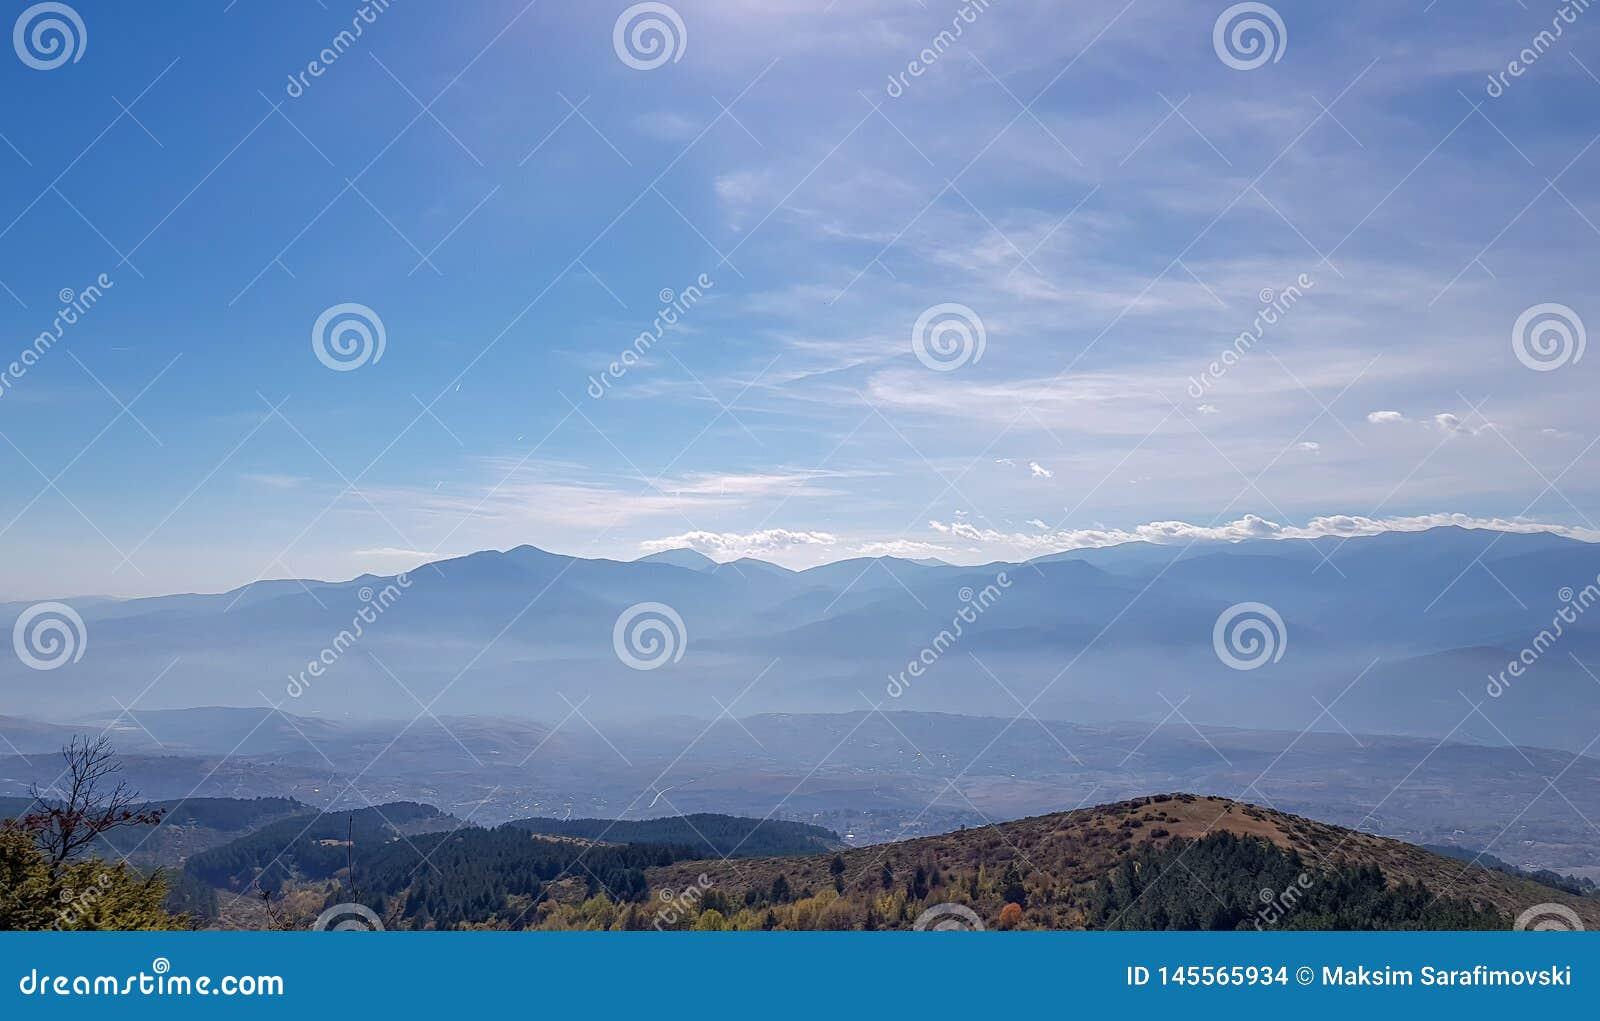 Mountains silhouette through mist with beautiful horizon.